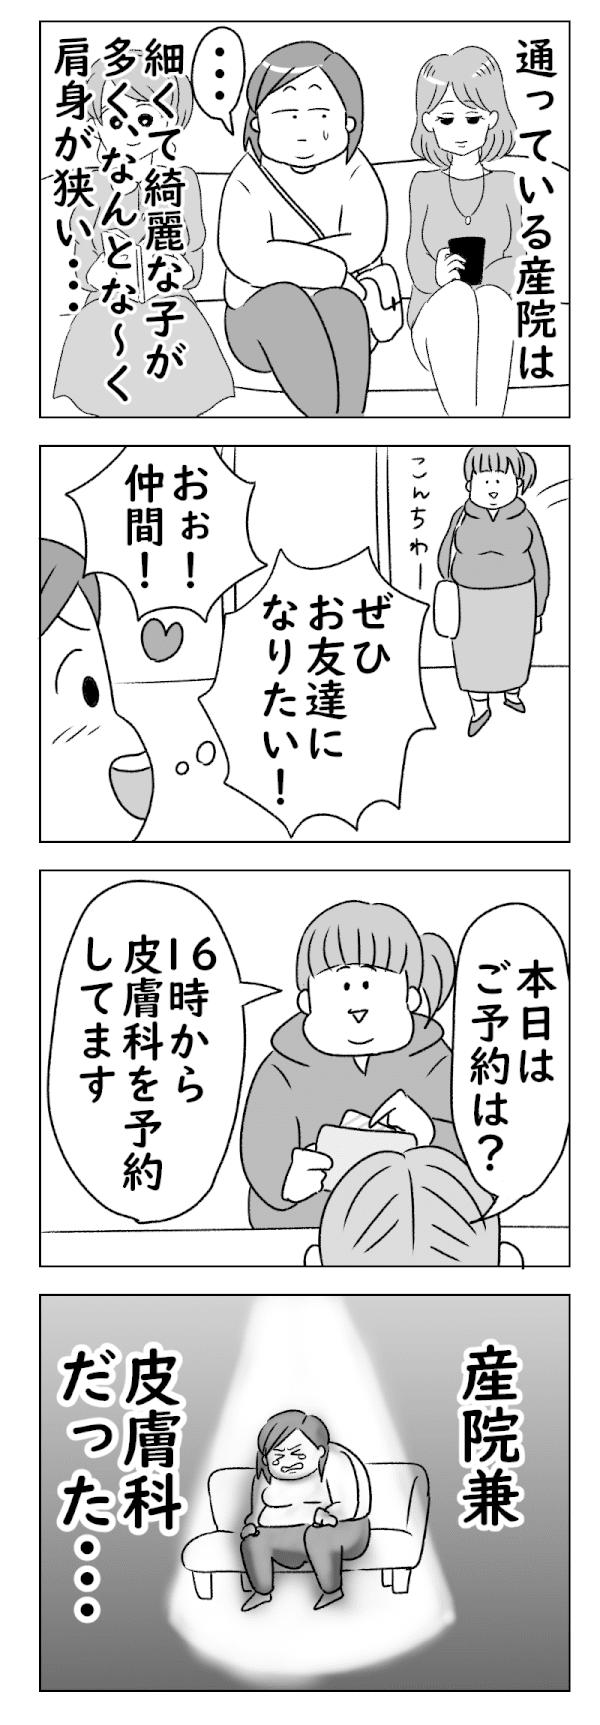 妊婦 ダイエット